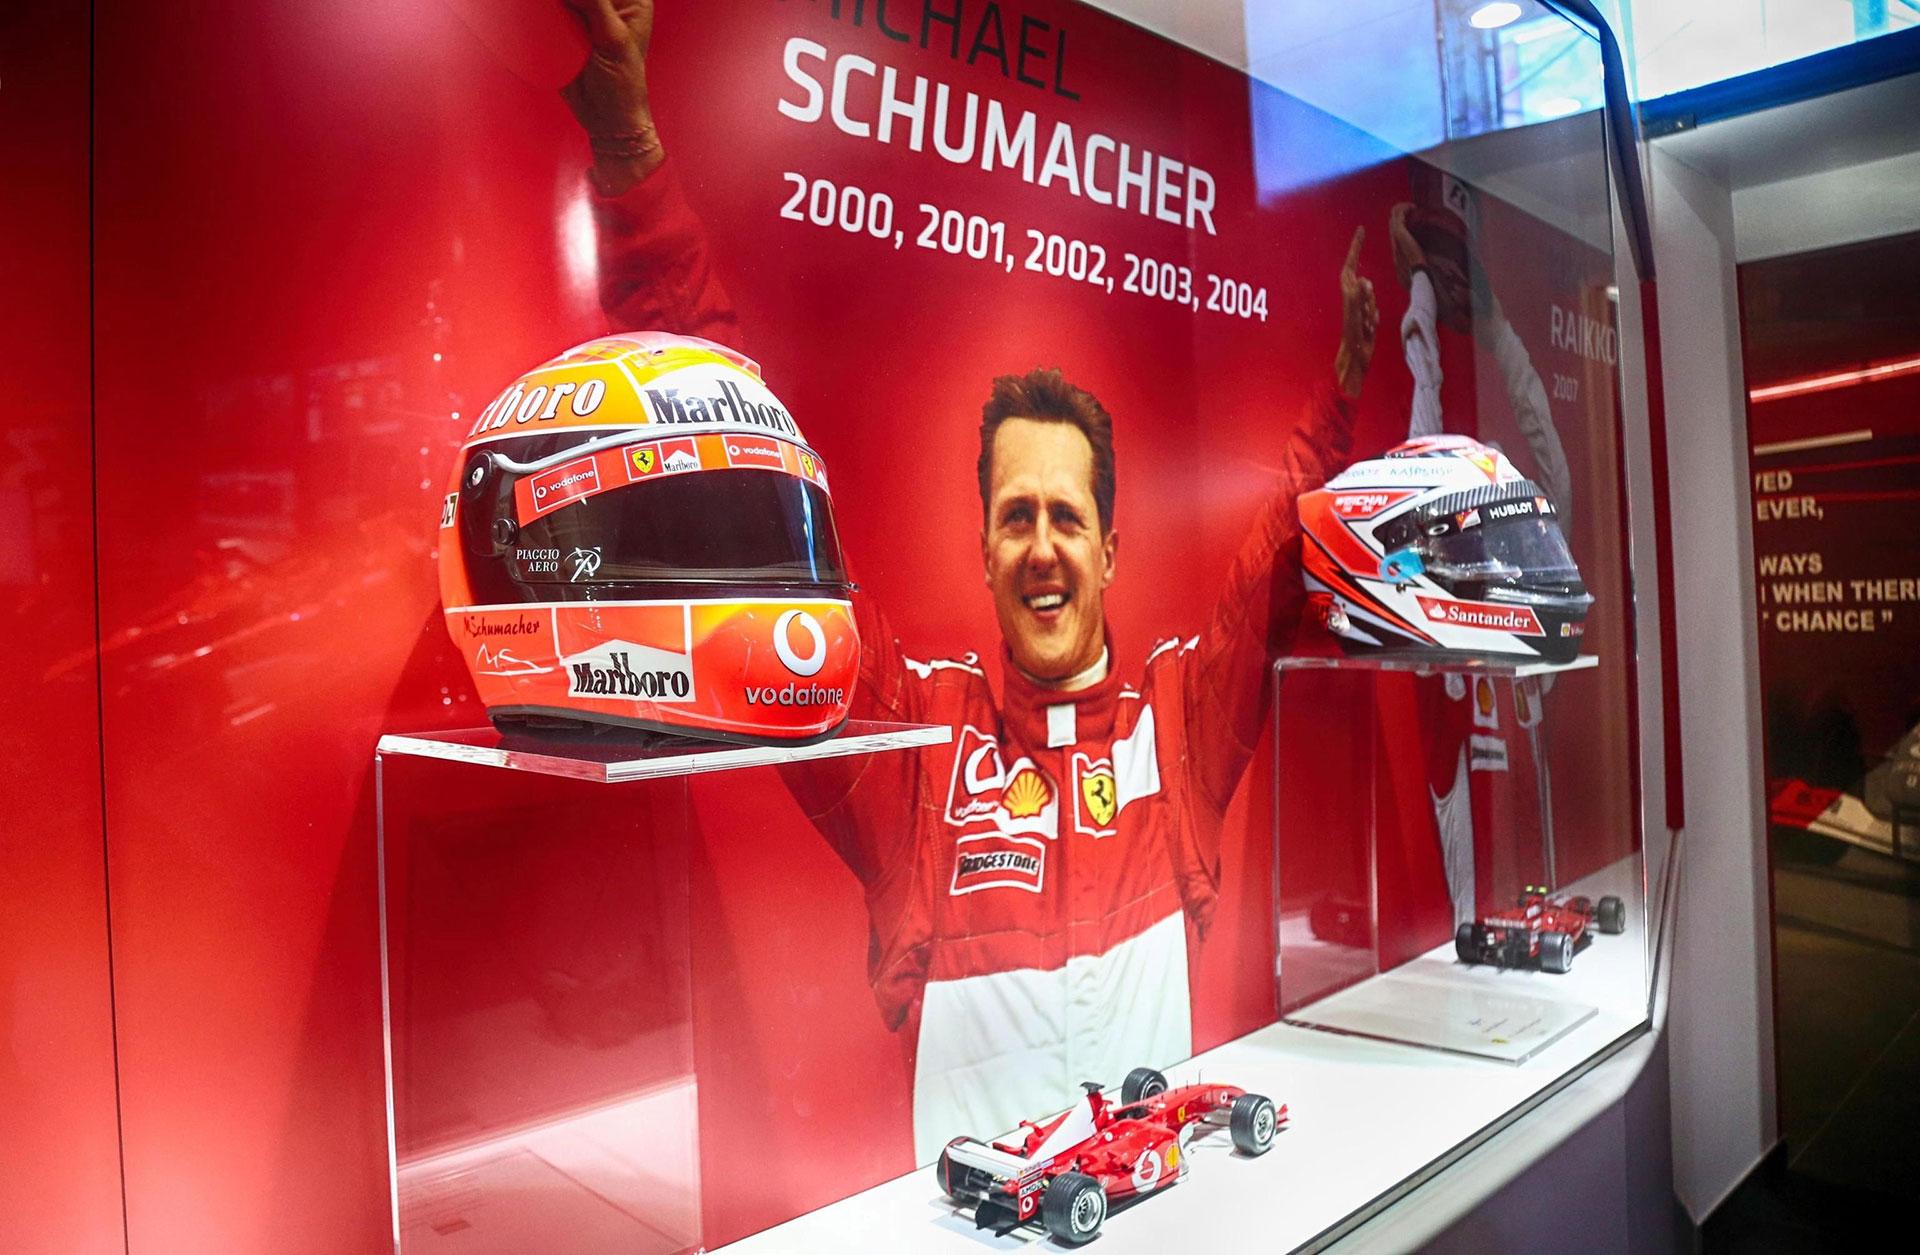 El alemán es el piloto de Fórmula Uno más exitoso de todos los tiempos con siete títulos mundiales y victorias en 91 grandes premios